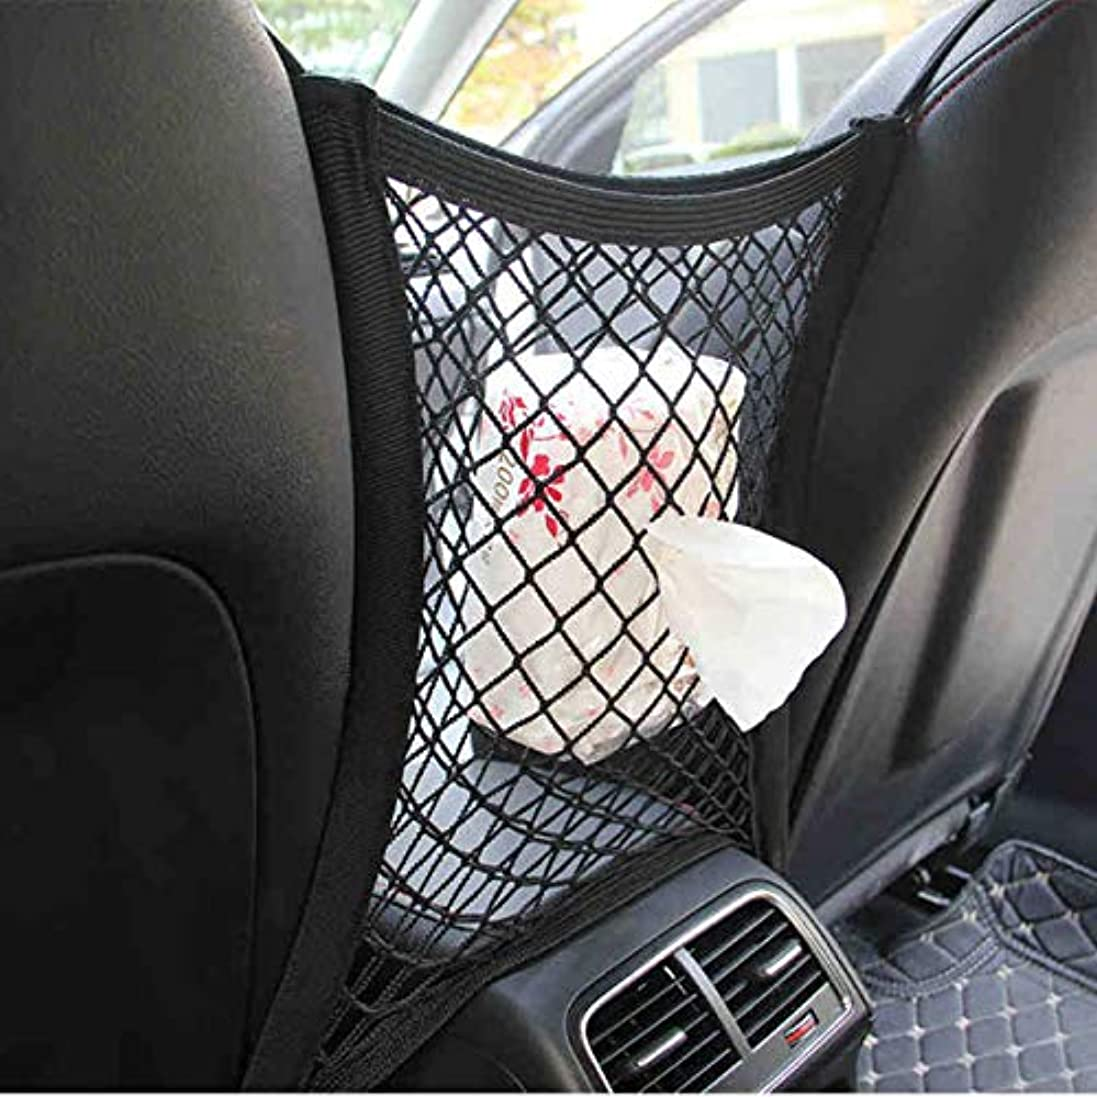 カルシウム混乱したスイング車Tidyの貨物リアトランクシート収納オーガナイザーポケット伸縮性メッシュネット袋